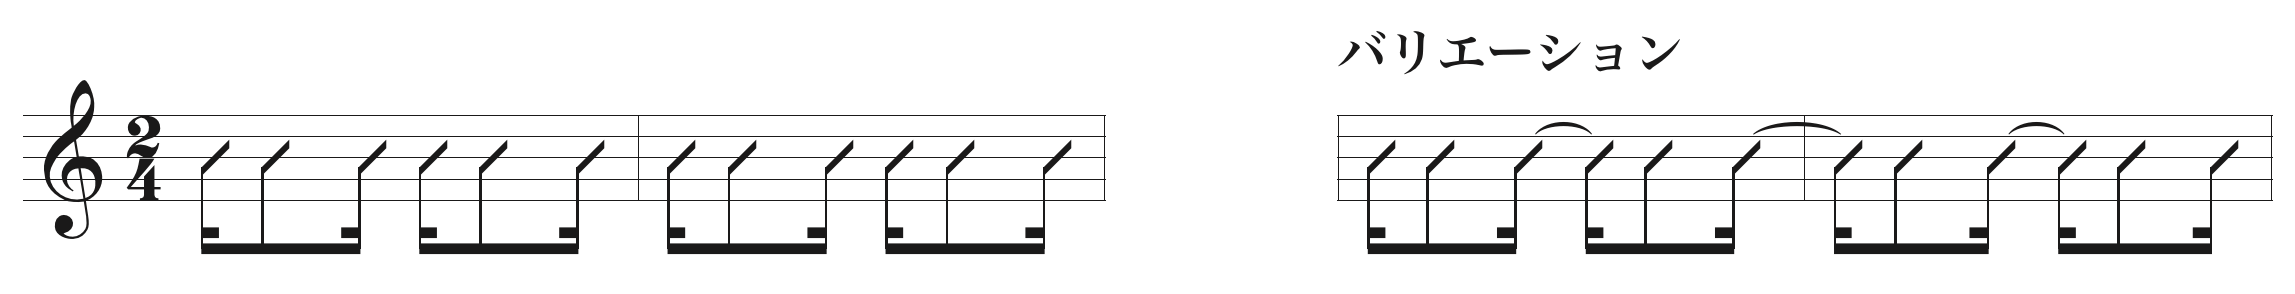 標準記譜例